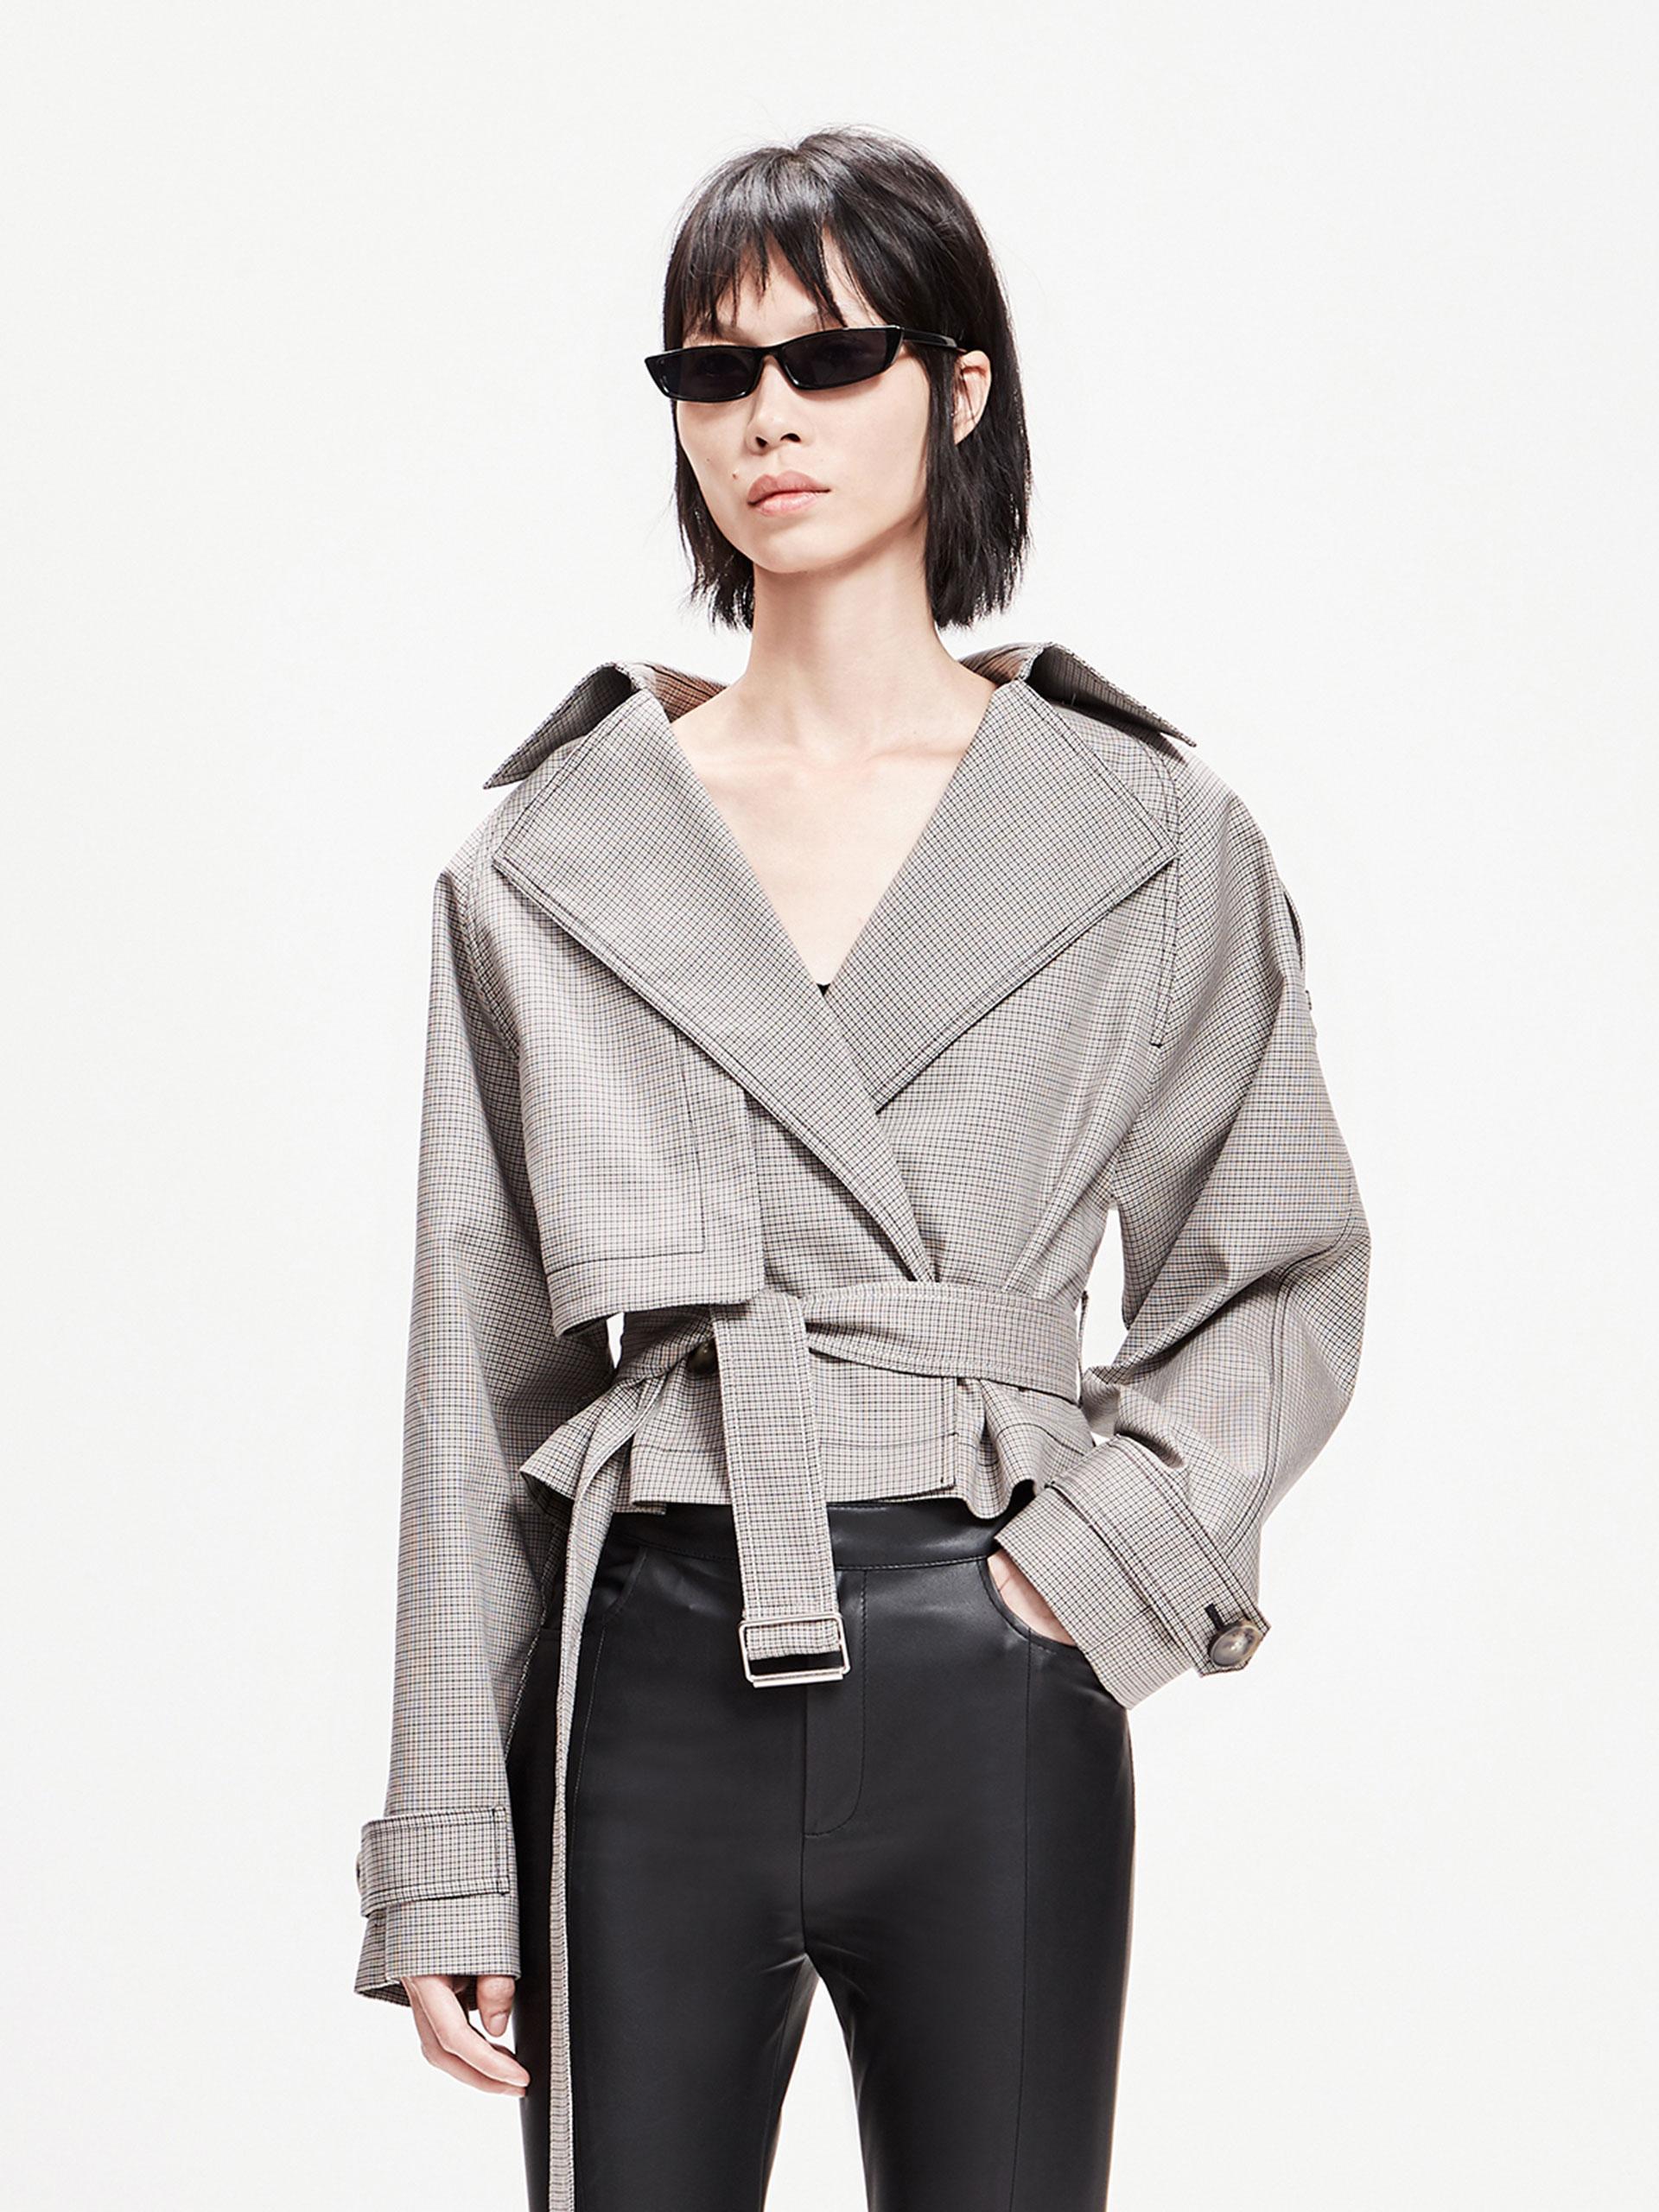 「春季新品」短款格纹外套